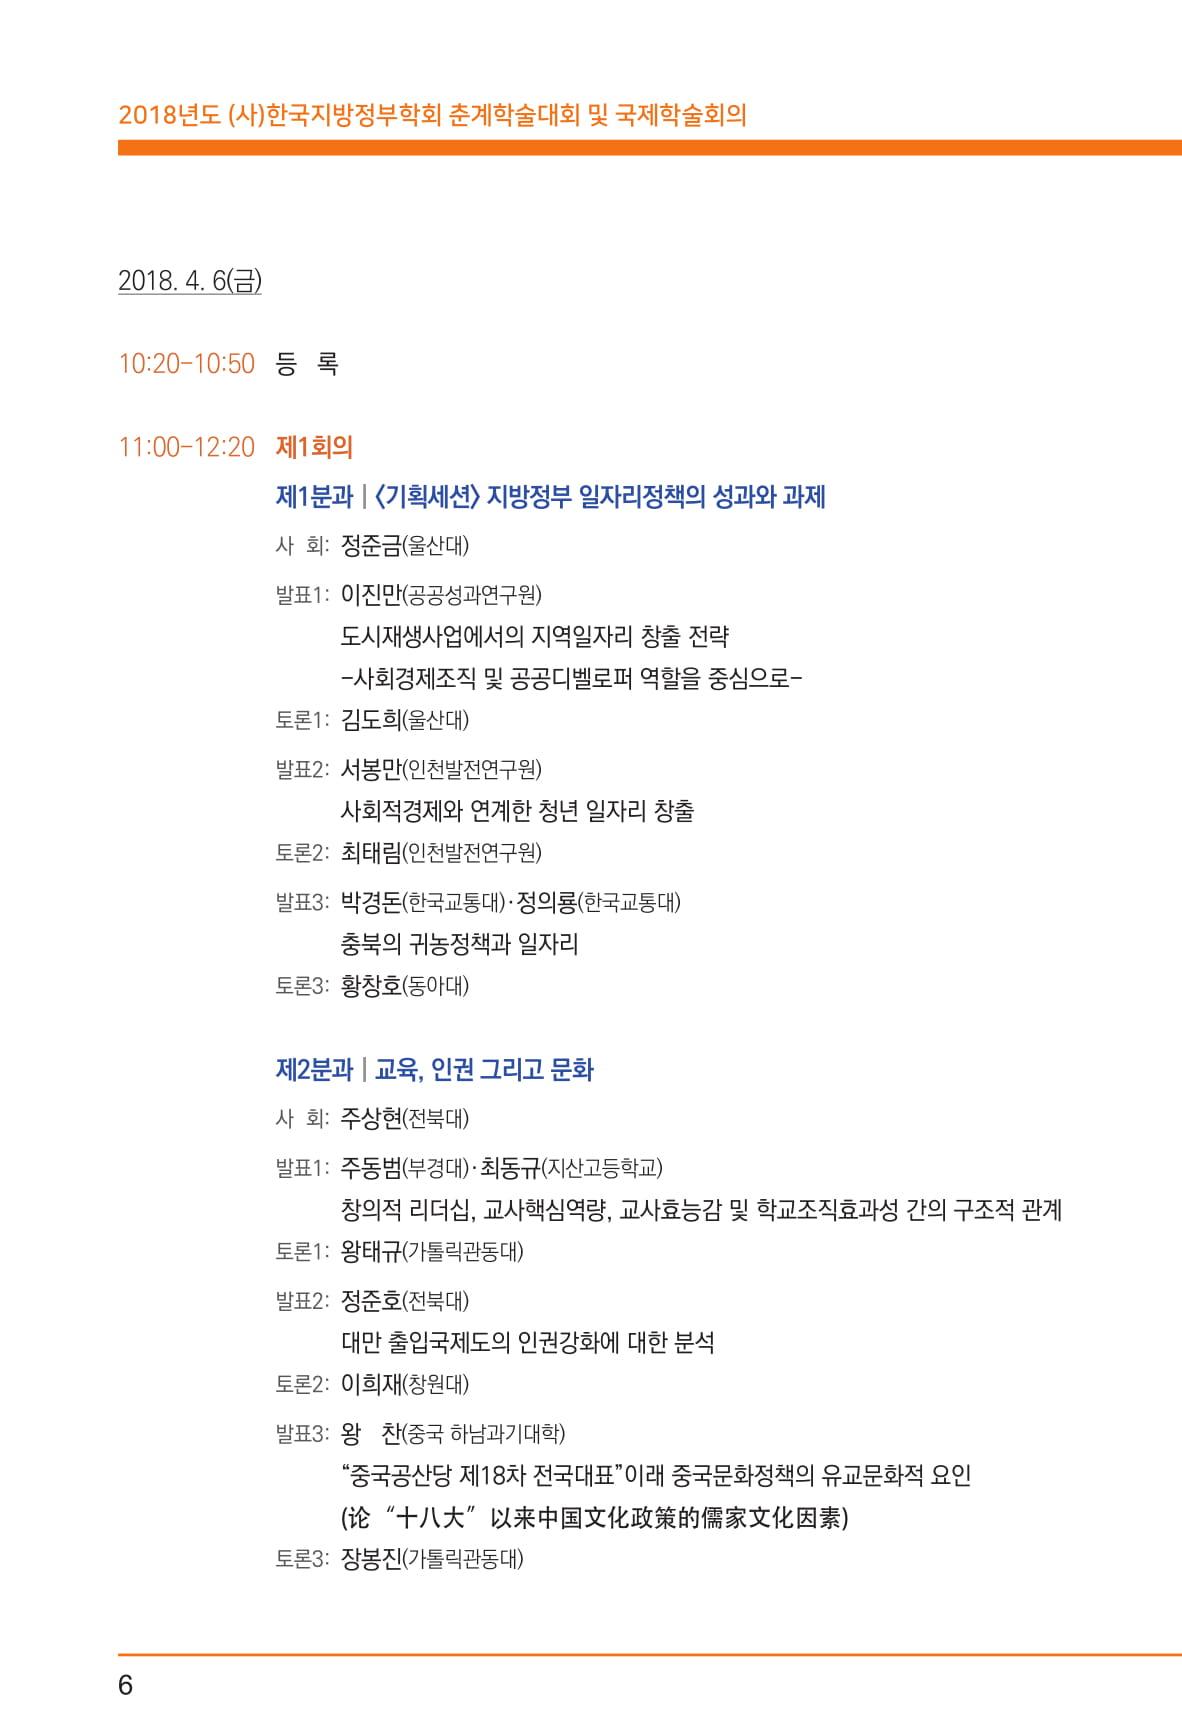 12_지방정부_춘계초청-06.jpg